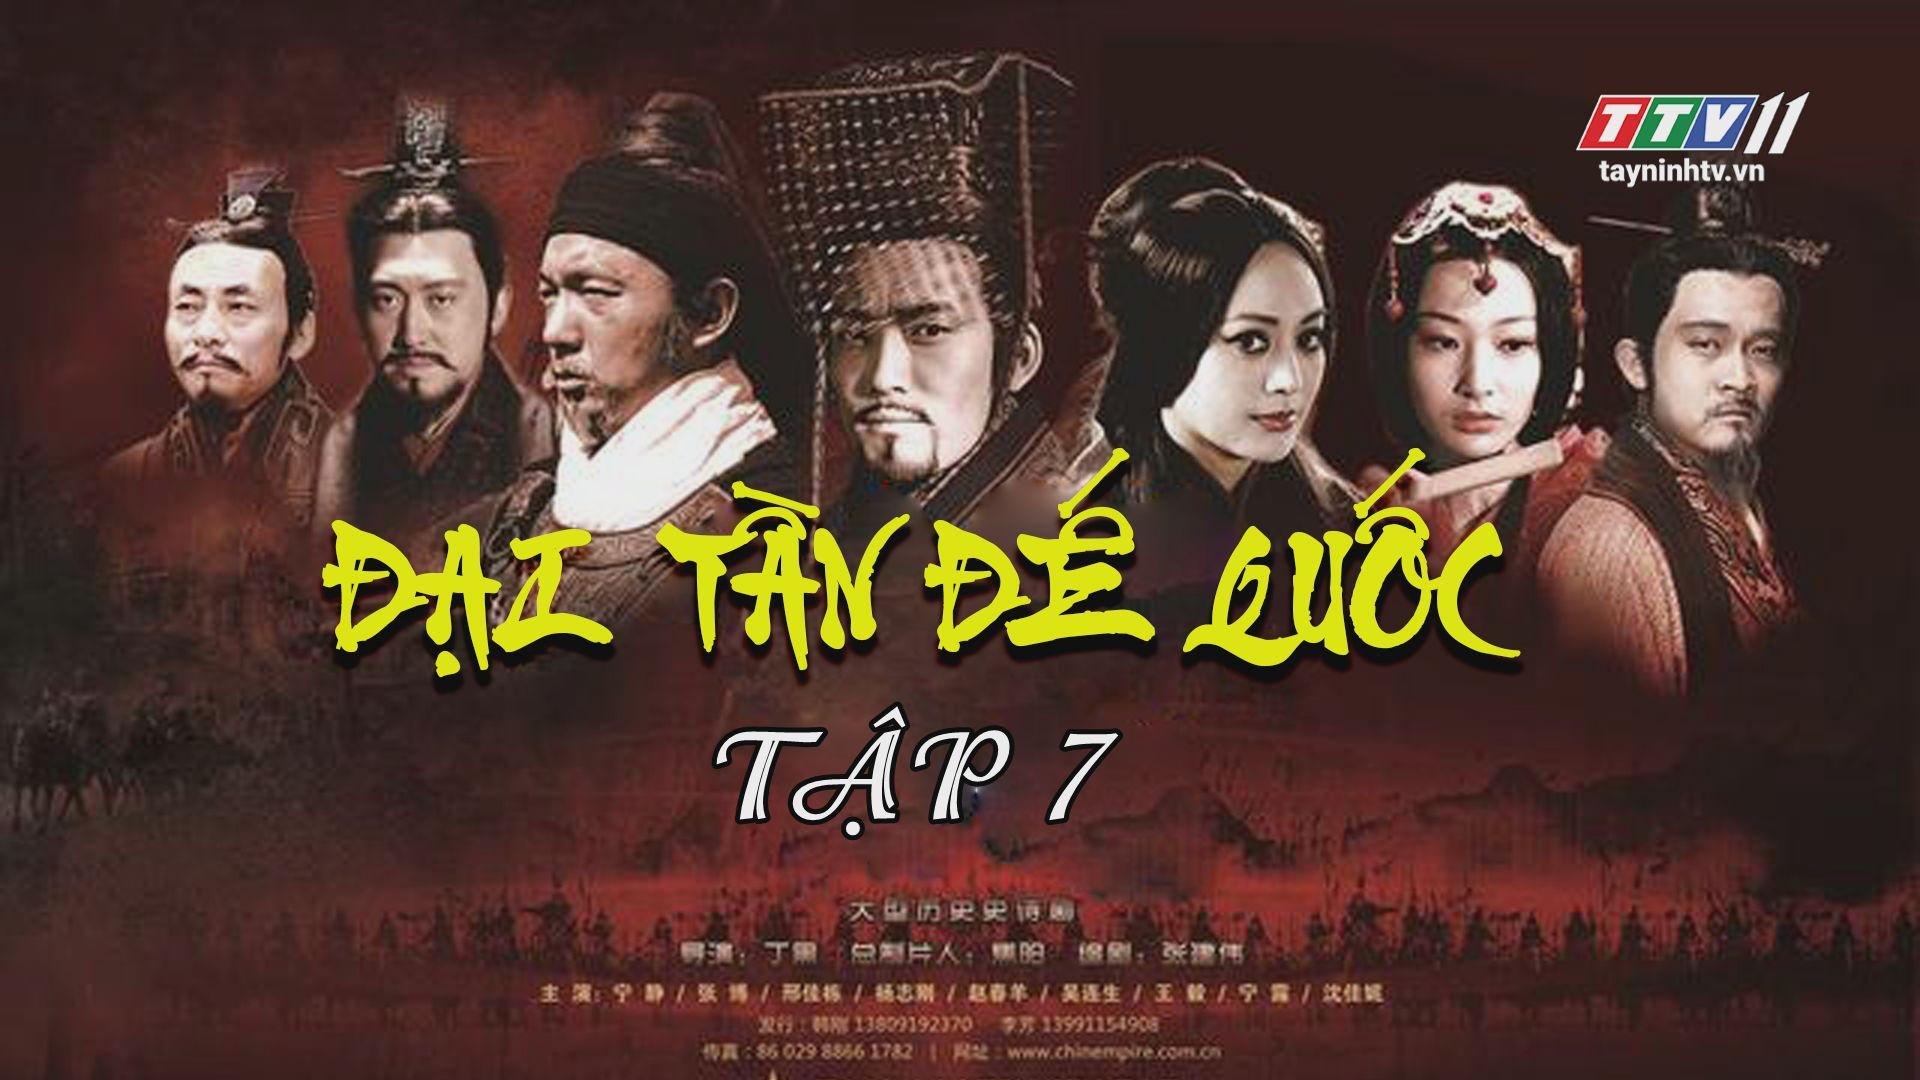 Tập 7 | ĐẠI TẦN ĐẾ QUỐC - Phần 3 | TayNinhTV